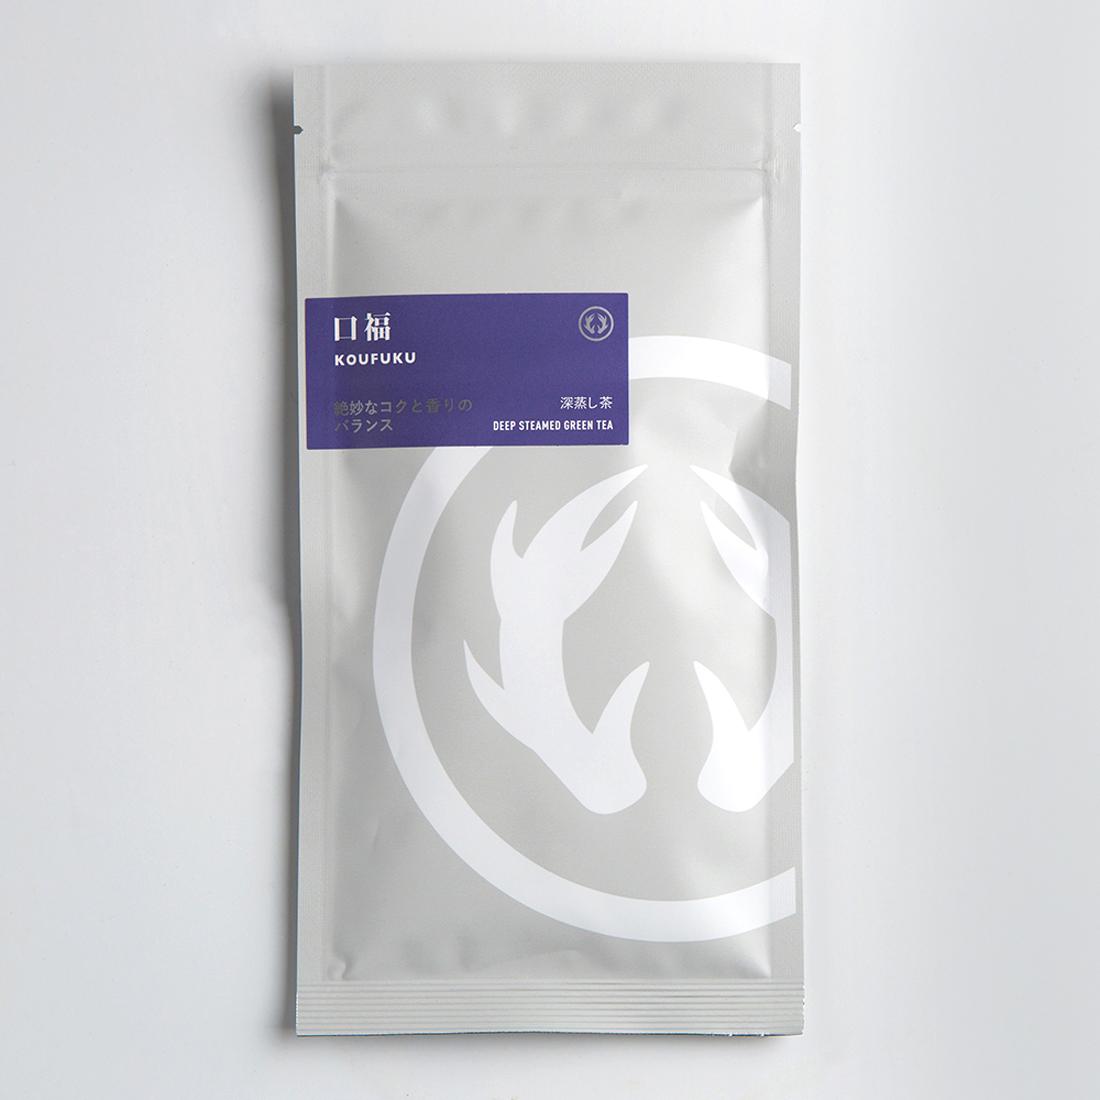 有機栽培茶「口福」写真